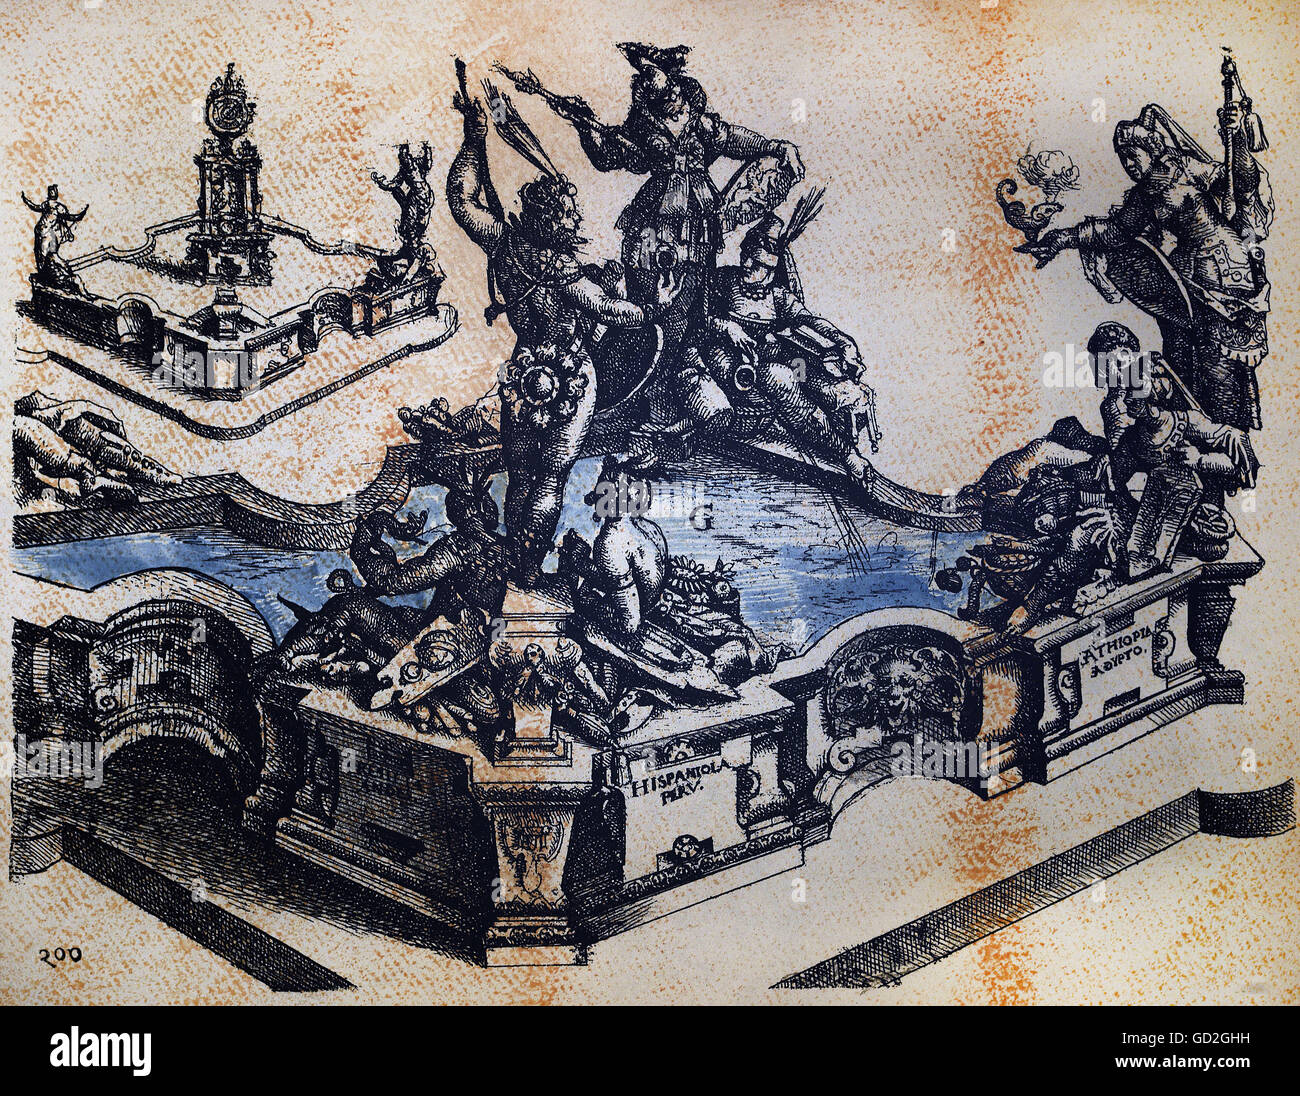 Belle arti, Dietterlin Wendel (1550 / 1551 - 1599), attacco chimico, un concetto per un fontana dei continenti, Immagini Stock